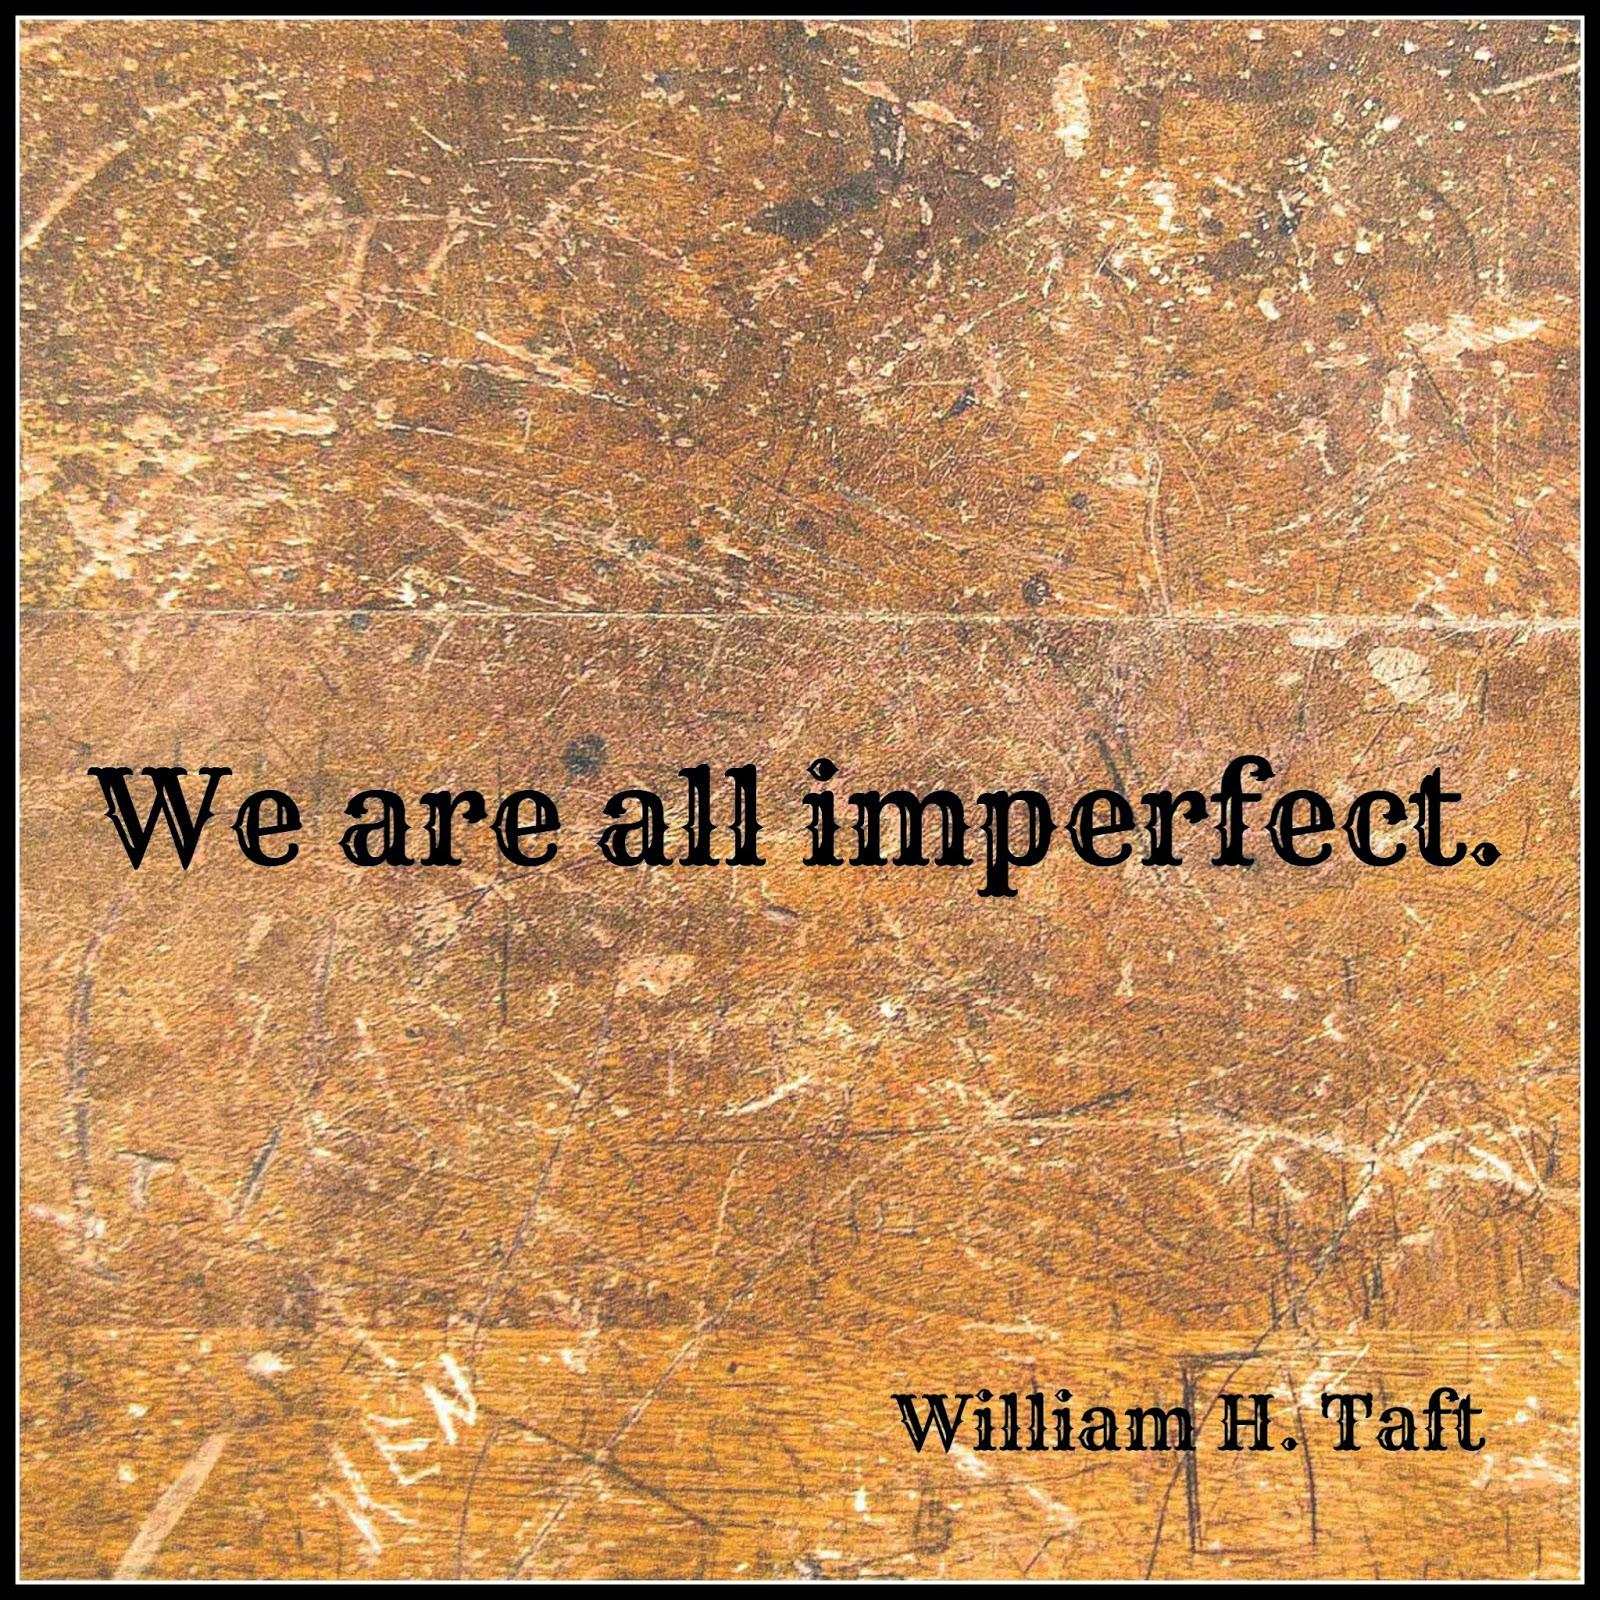 President William H. Taft quote